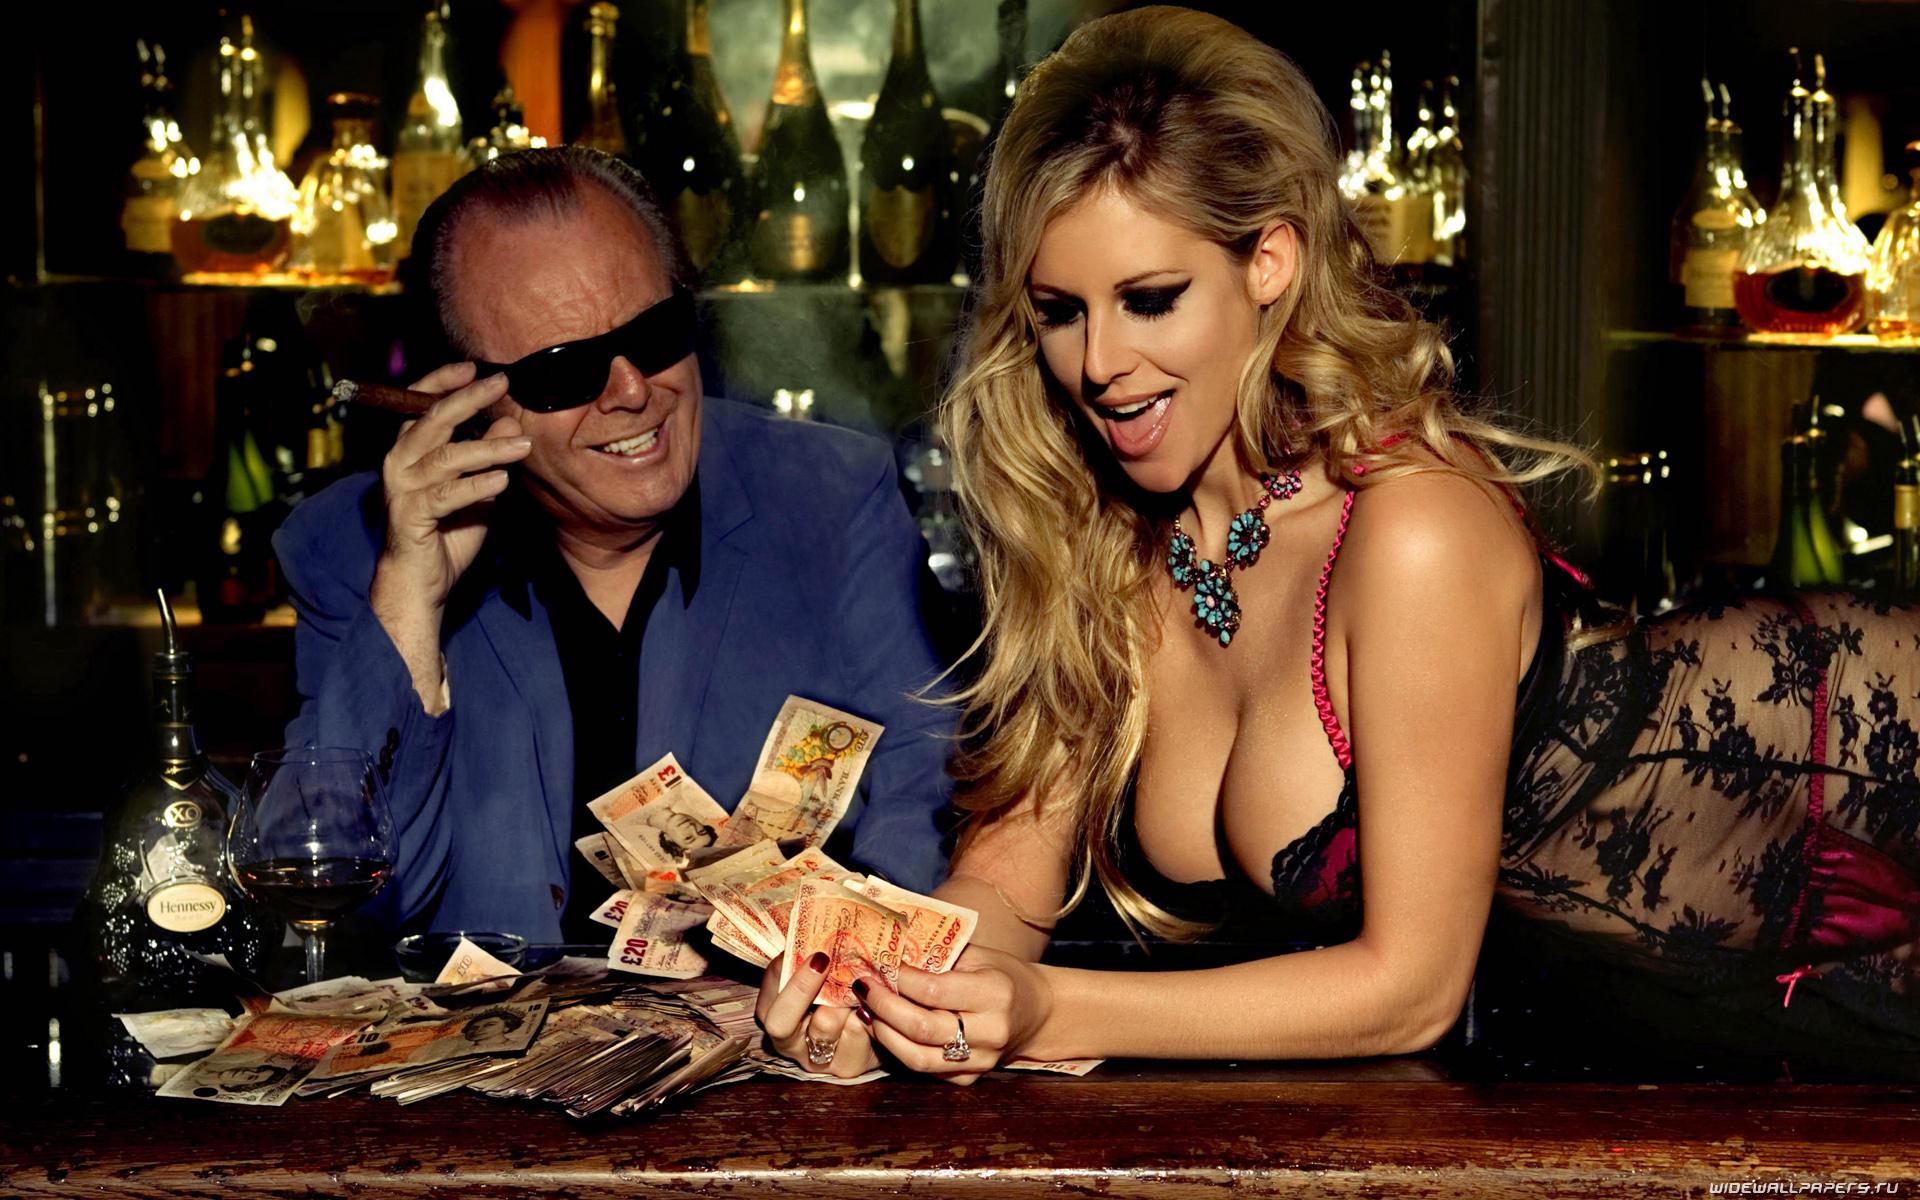 Обои девушка в казино картинки скачать на рабочий стол